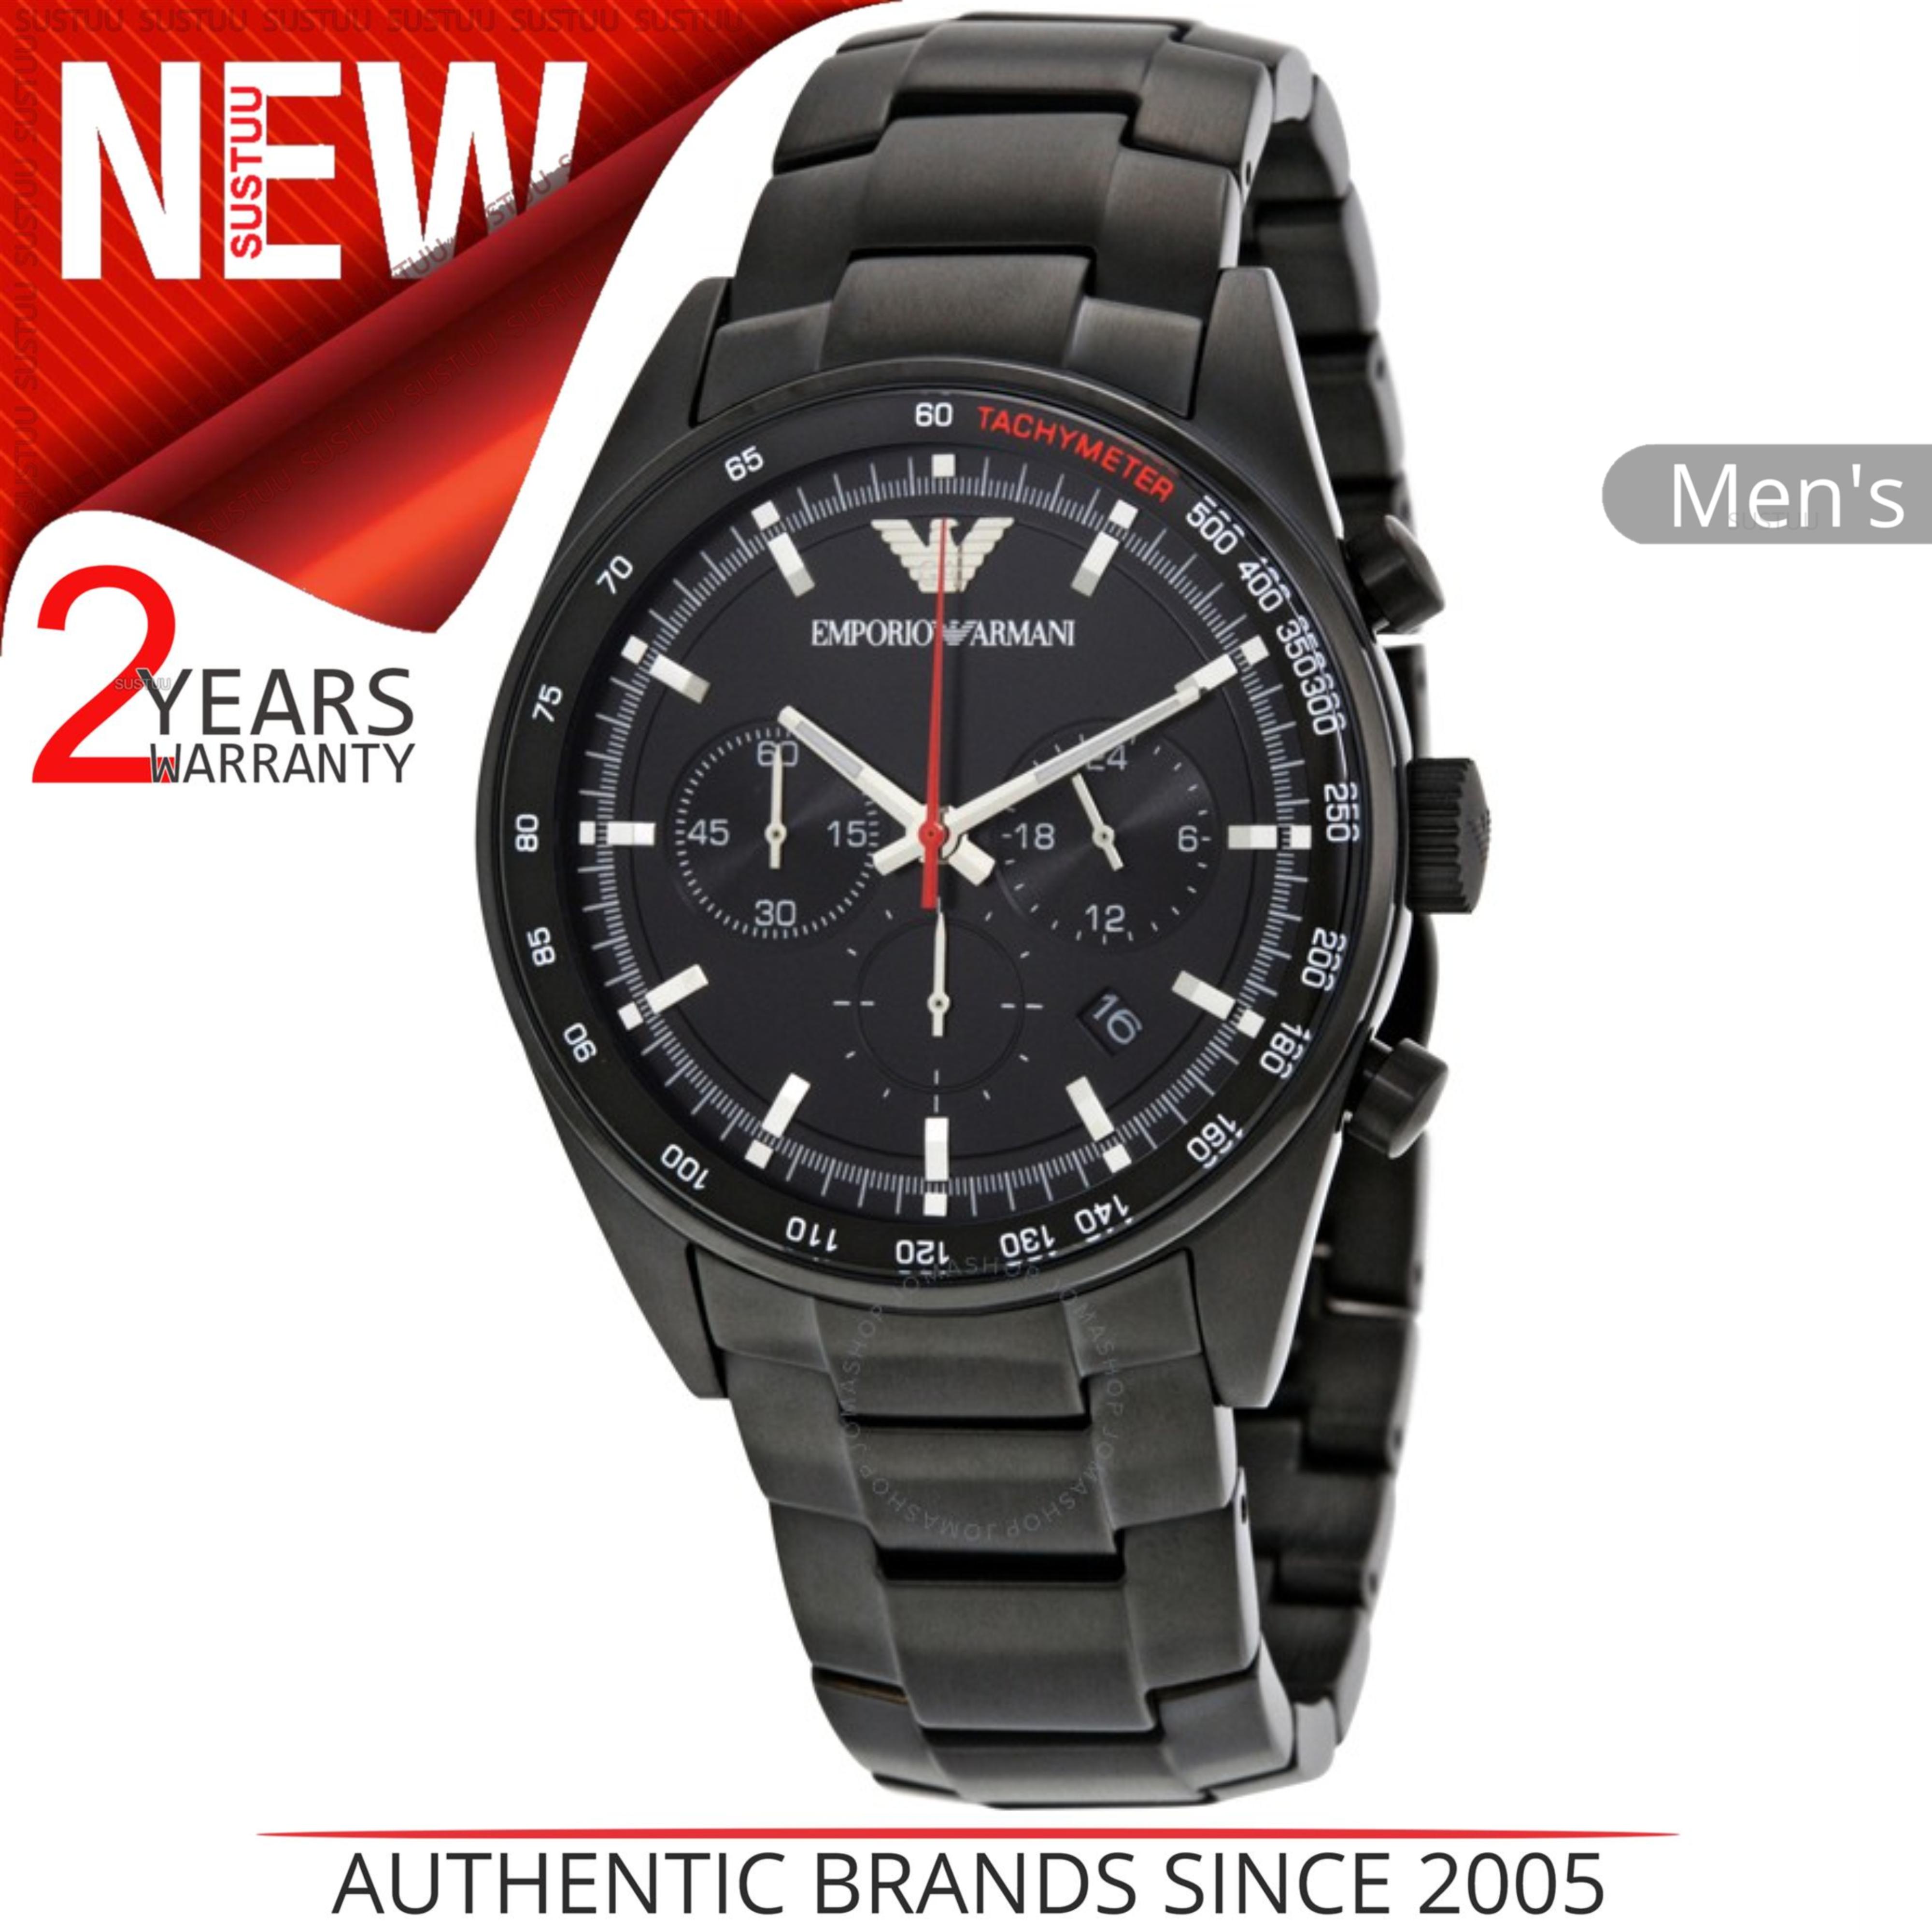 485276461a8e CENTINELA Reloj Emporio Armani Classic para hombre AR6040│ Cronógrafo Dial  Negro ach Tacómetro